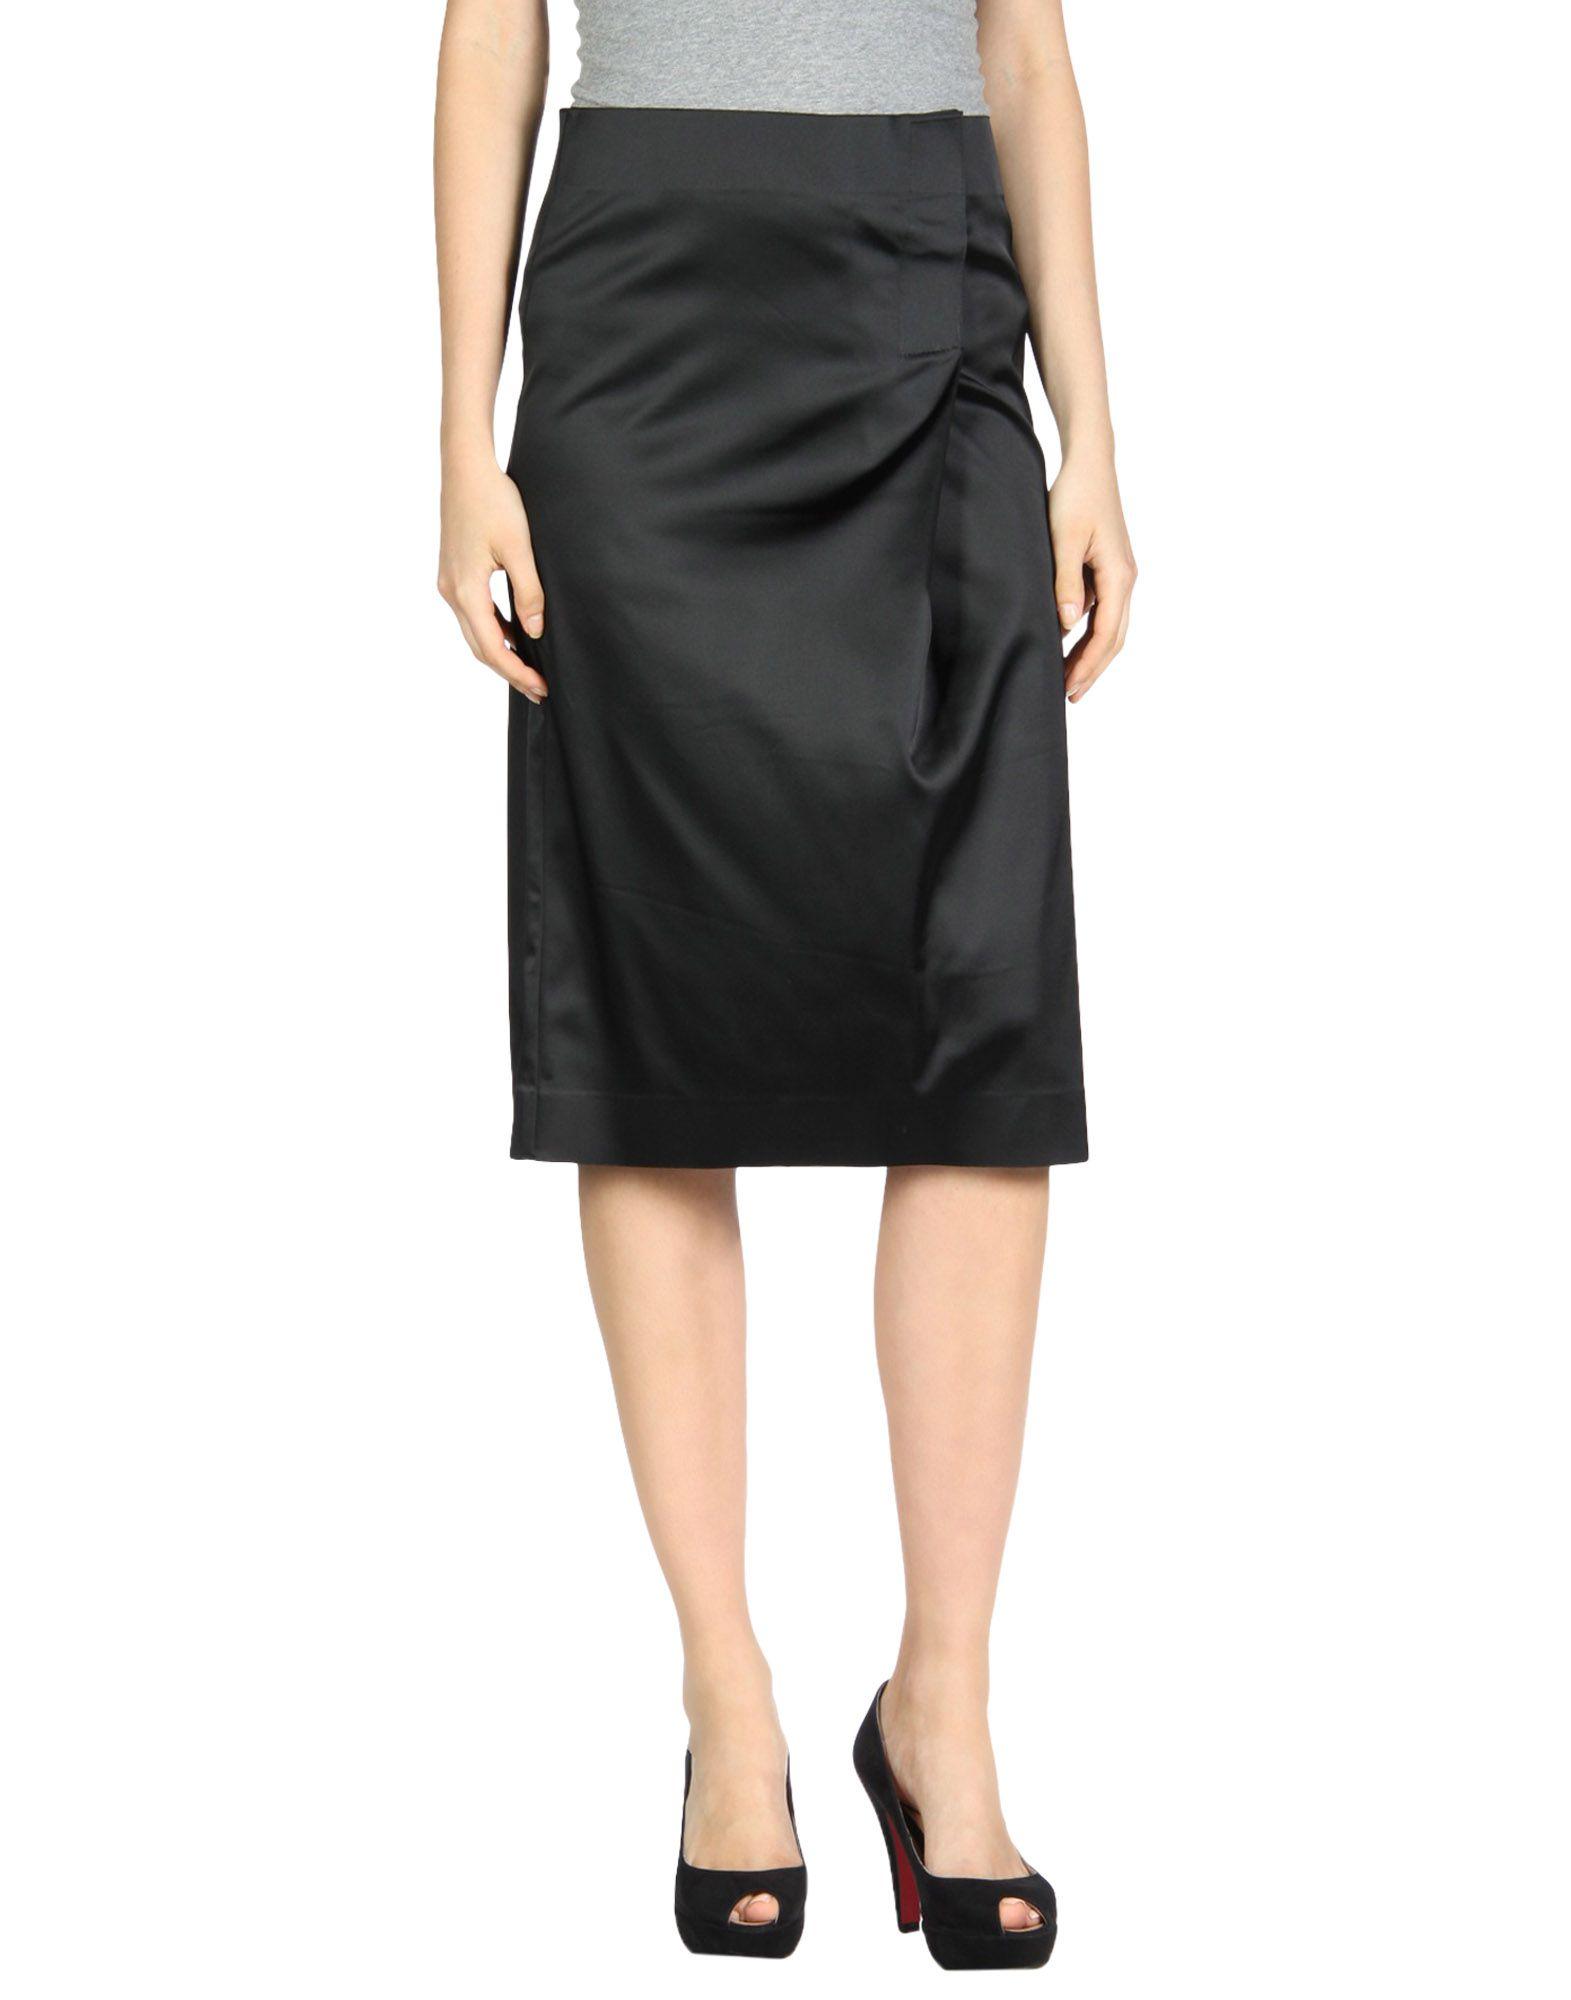 BACK Knee Length Skirts in Black